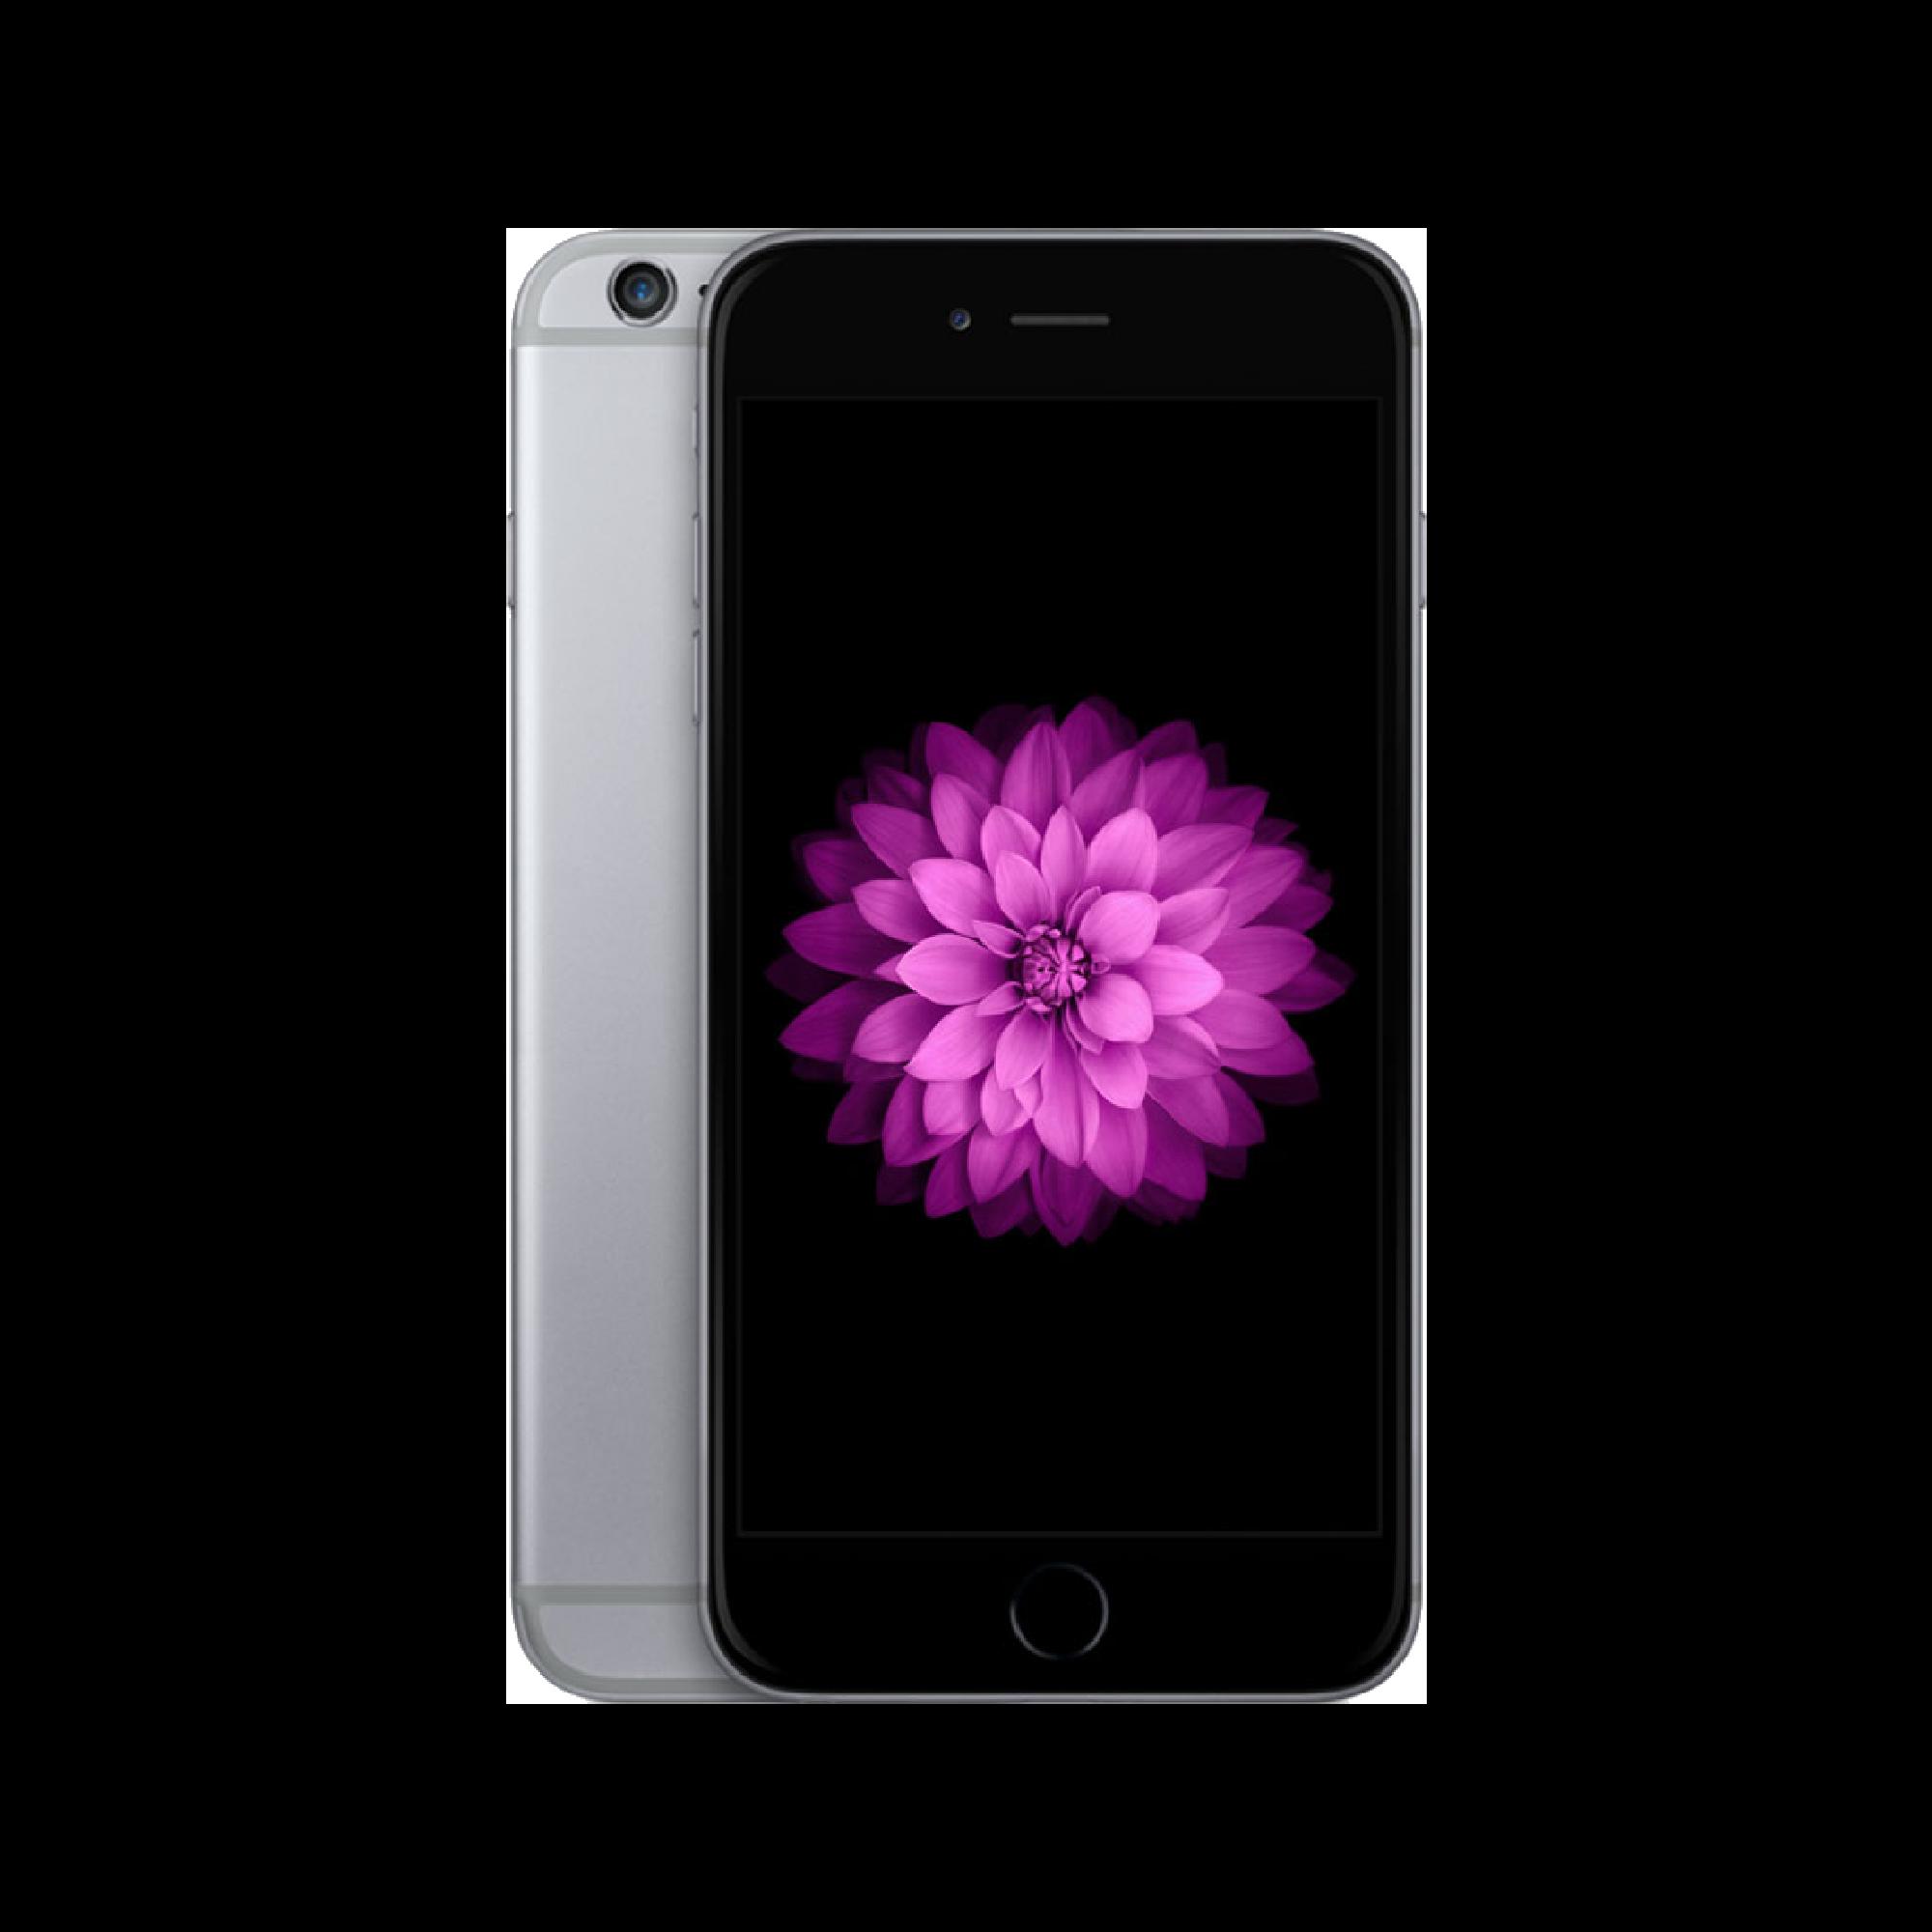 iPhone 6+ | $85 + tax